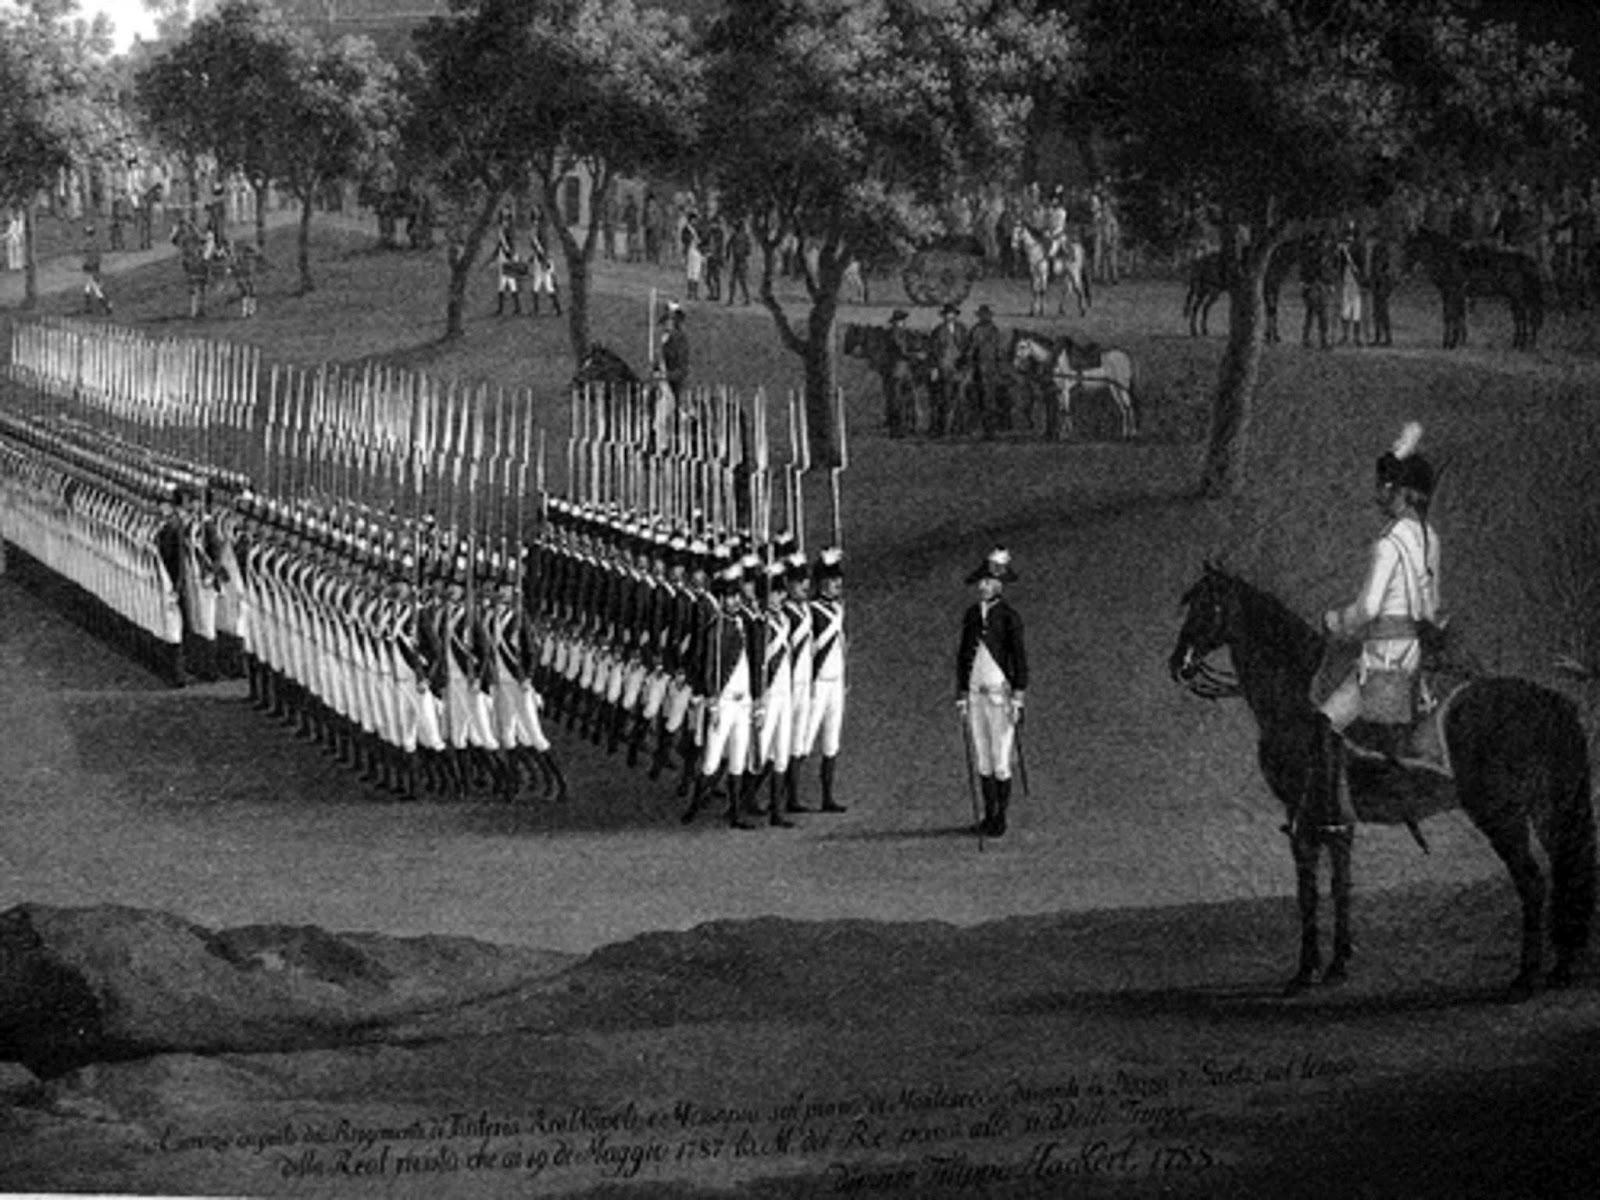 La biblioteca militare l 39 esercito partenopeo sul finire del 1700 - La tavola degli ufficiali ...